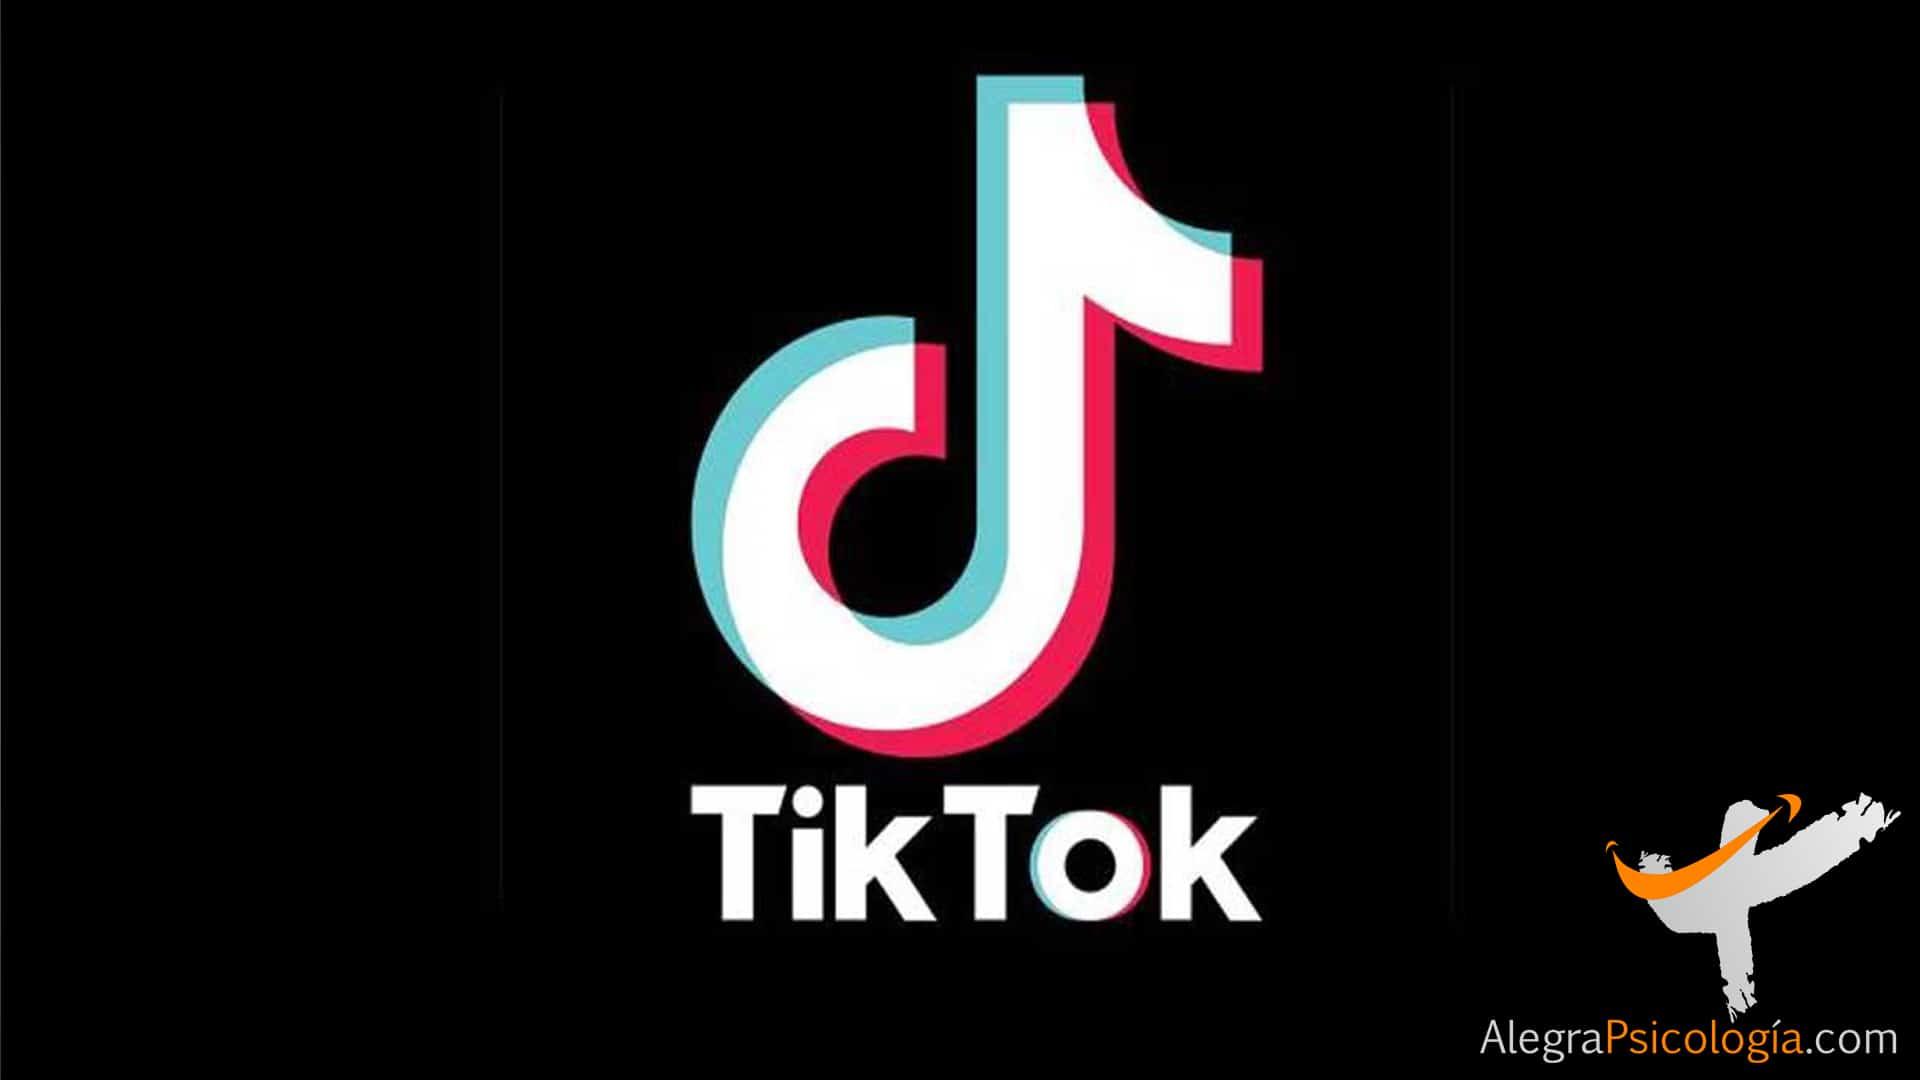 Tiktok y la dependecian en los jóvenes de la mano de psicologos malaga